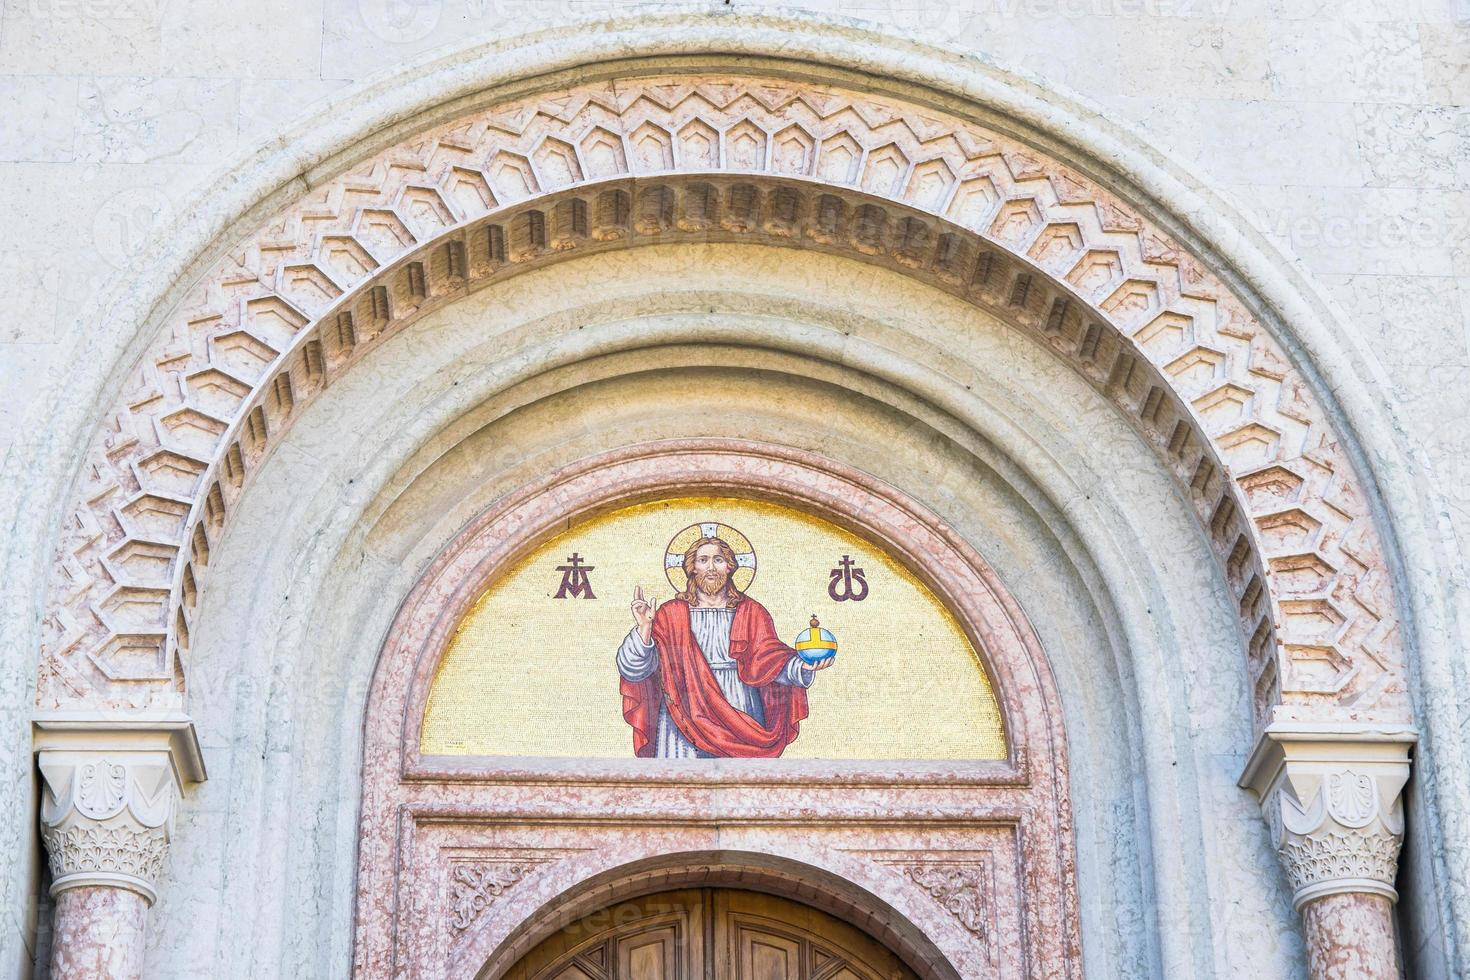 Gods beeldmozaïek boven de deuropening van een kerk. foto